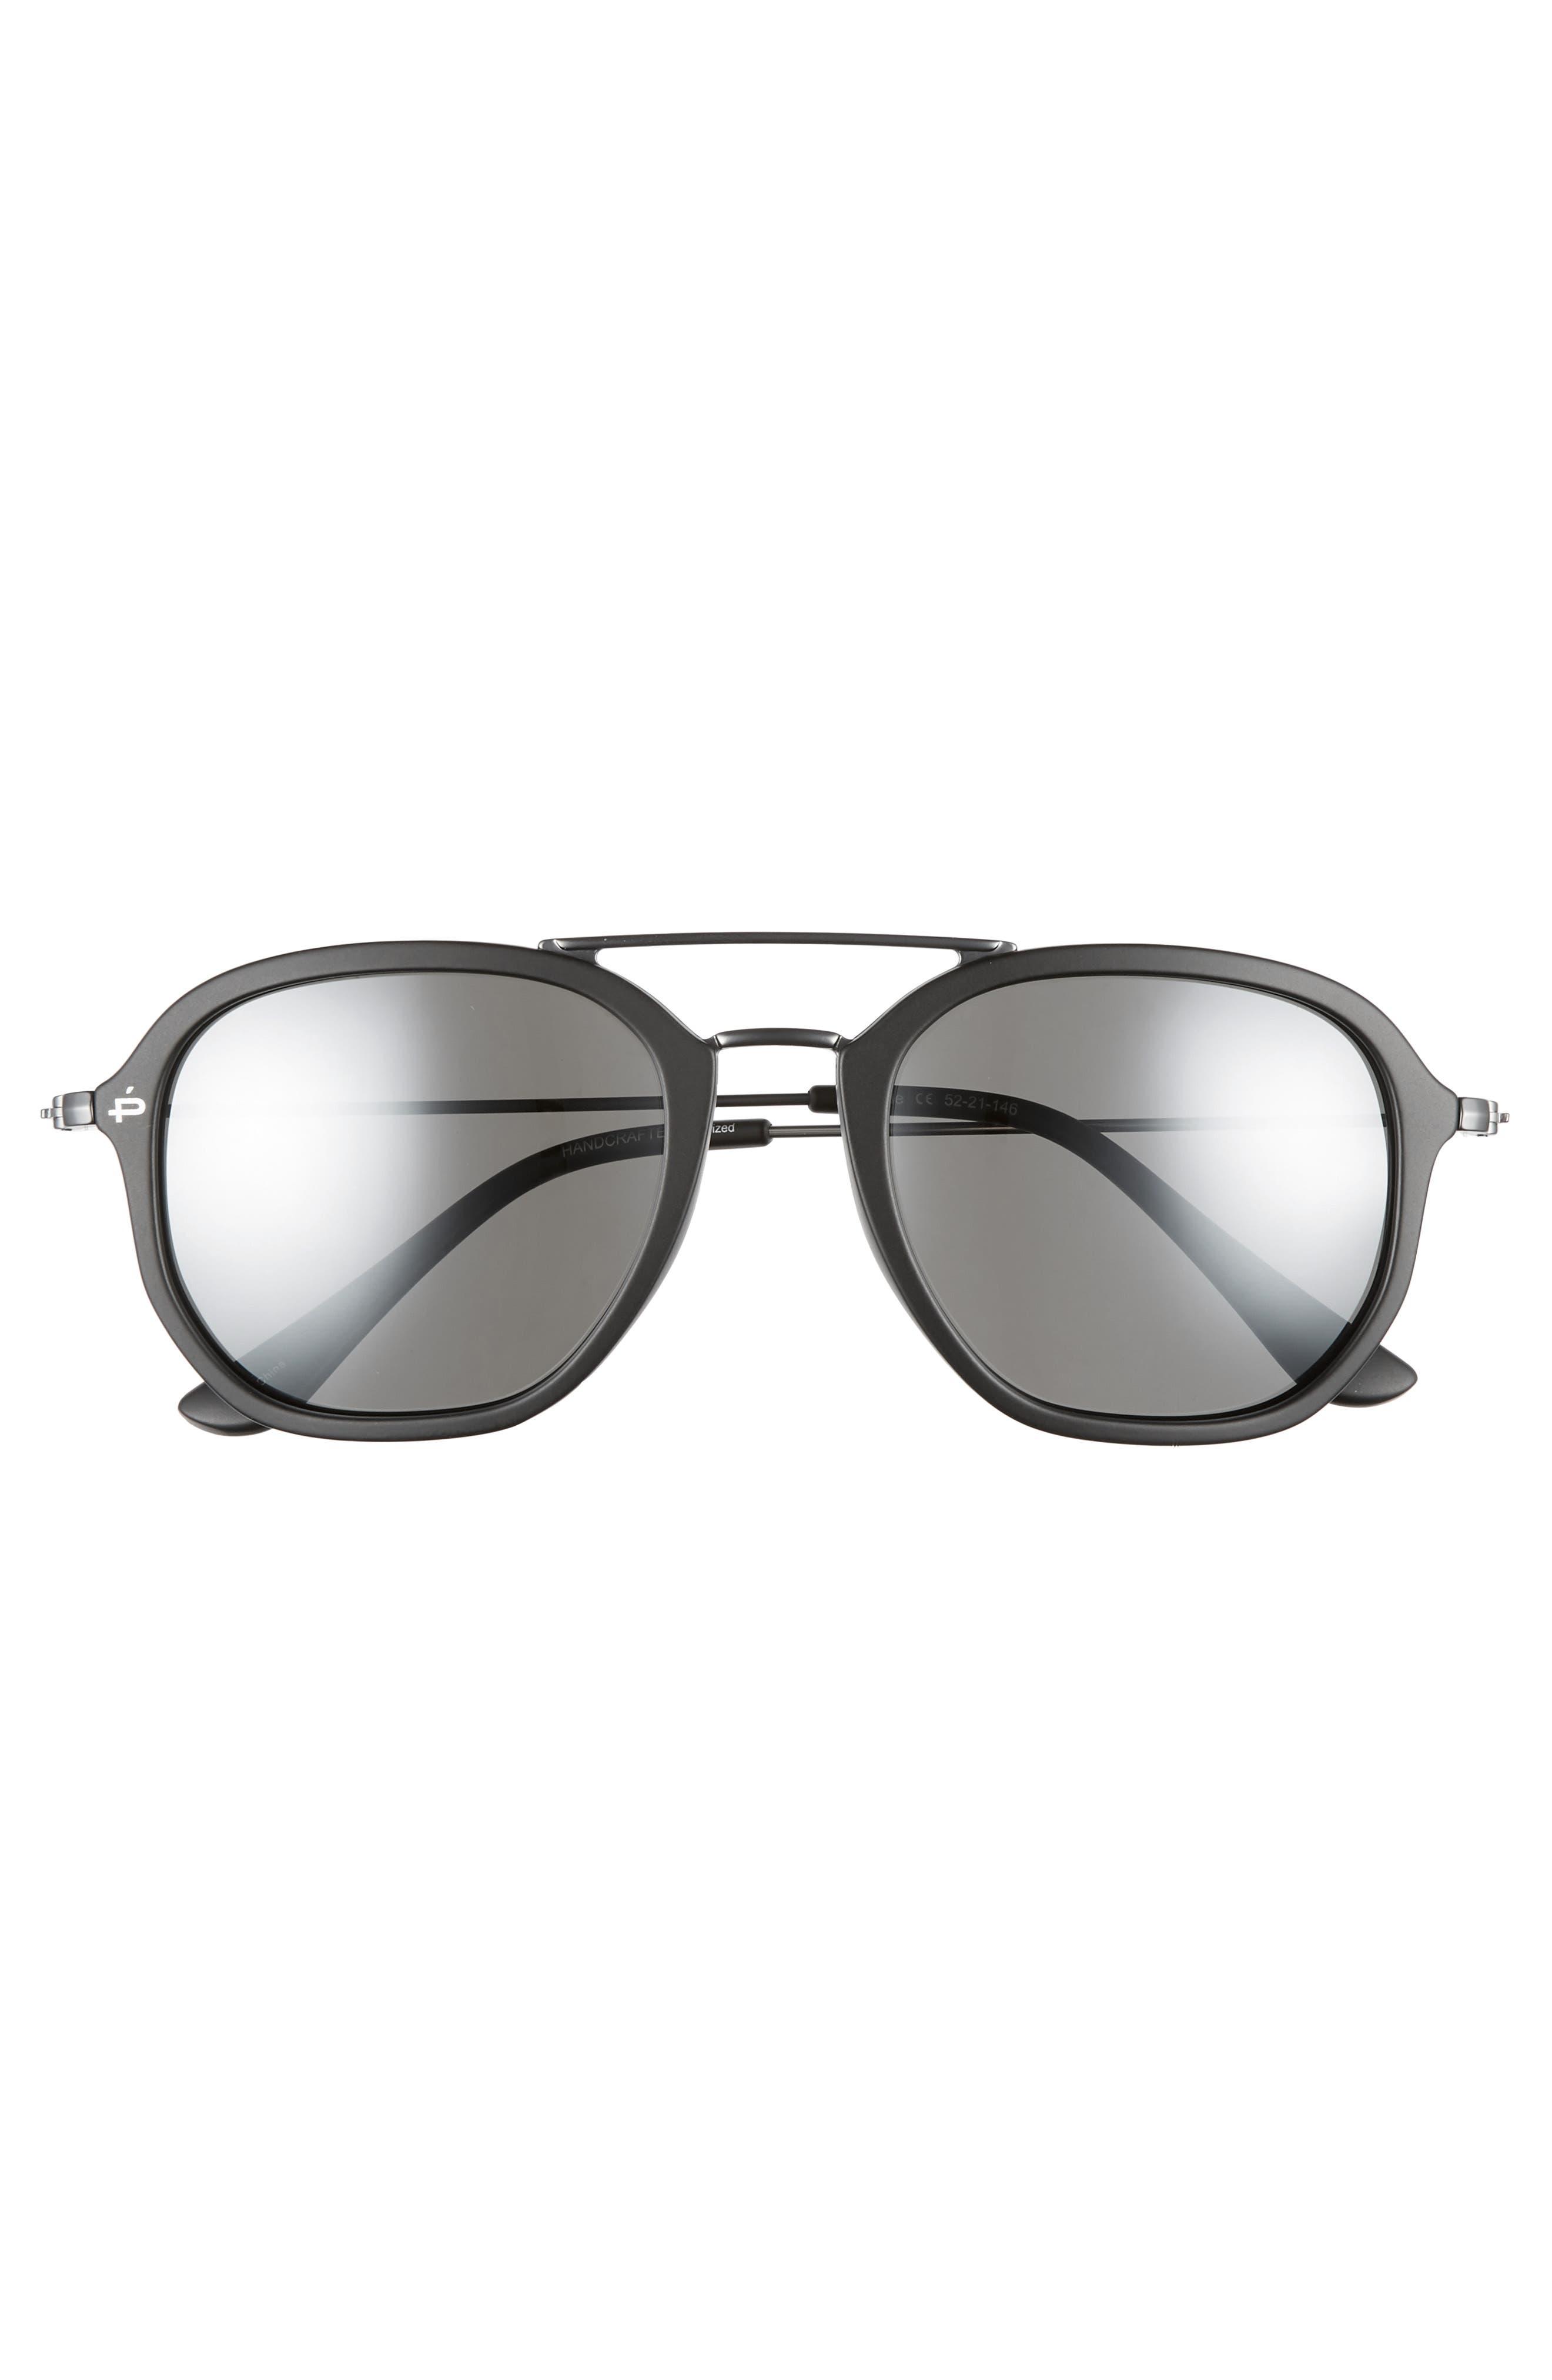 Privé Revaux The Dale Polarized 52mm Sunglasses,                             Alternate thumbnail 3, color,                             001